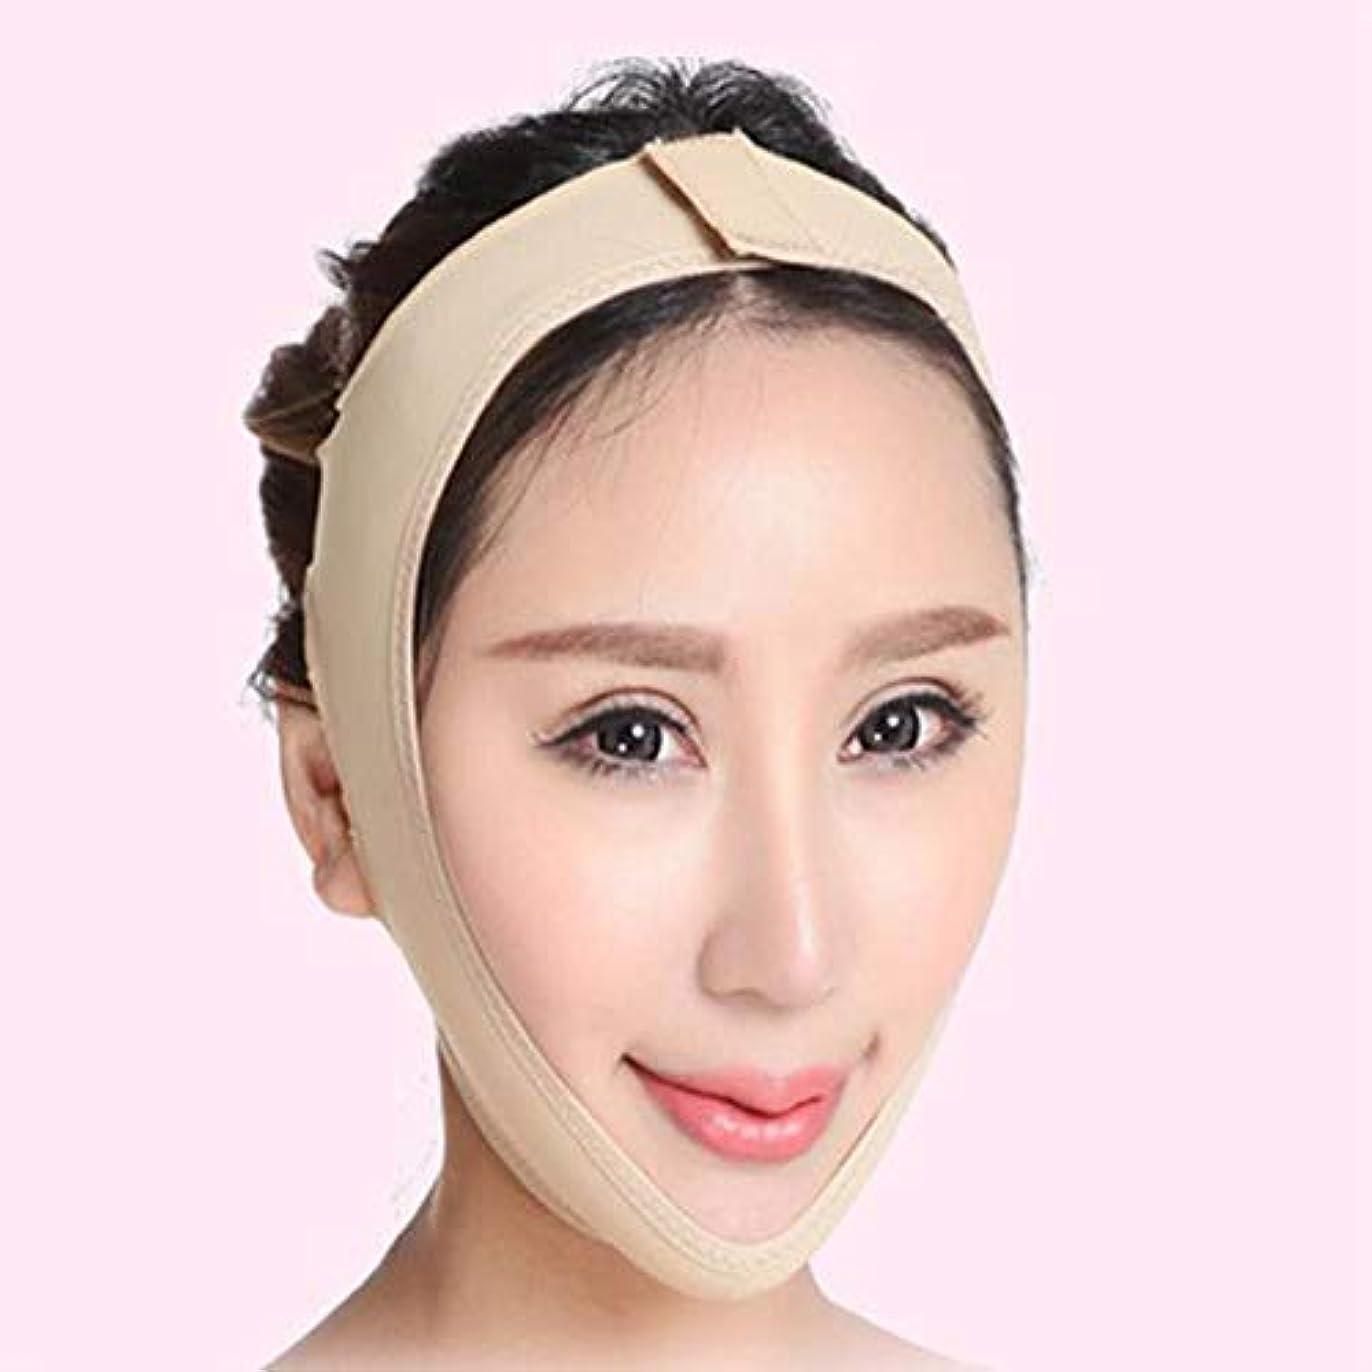 スピーカーダーベビルのテスコメントMR 小顔マスク リフトアップ マスク フェイスラインシャープ メンズ レディース Sサイズ MR-AZD15003-S